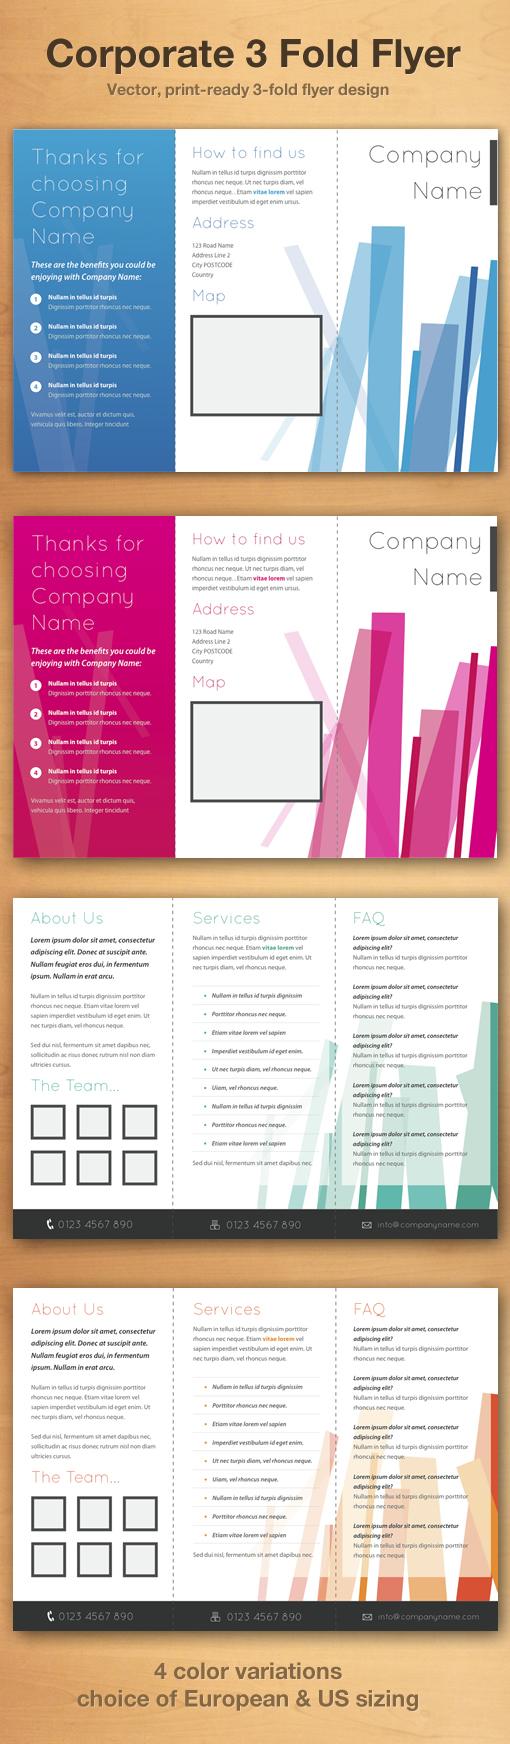 Corporate 3 Fold Flyer Template